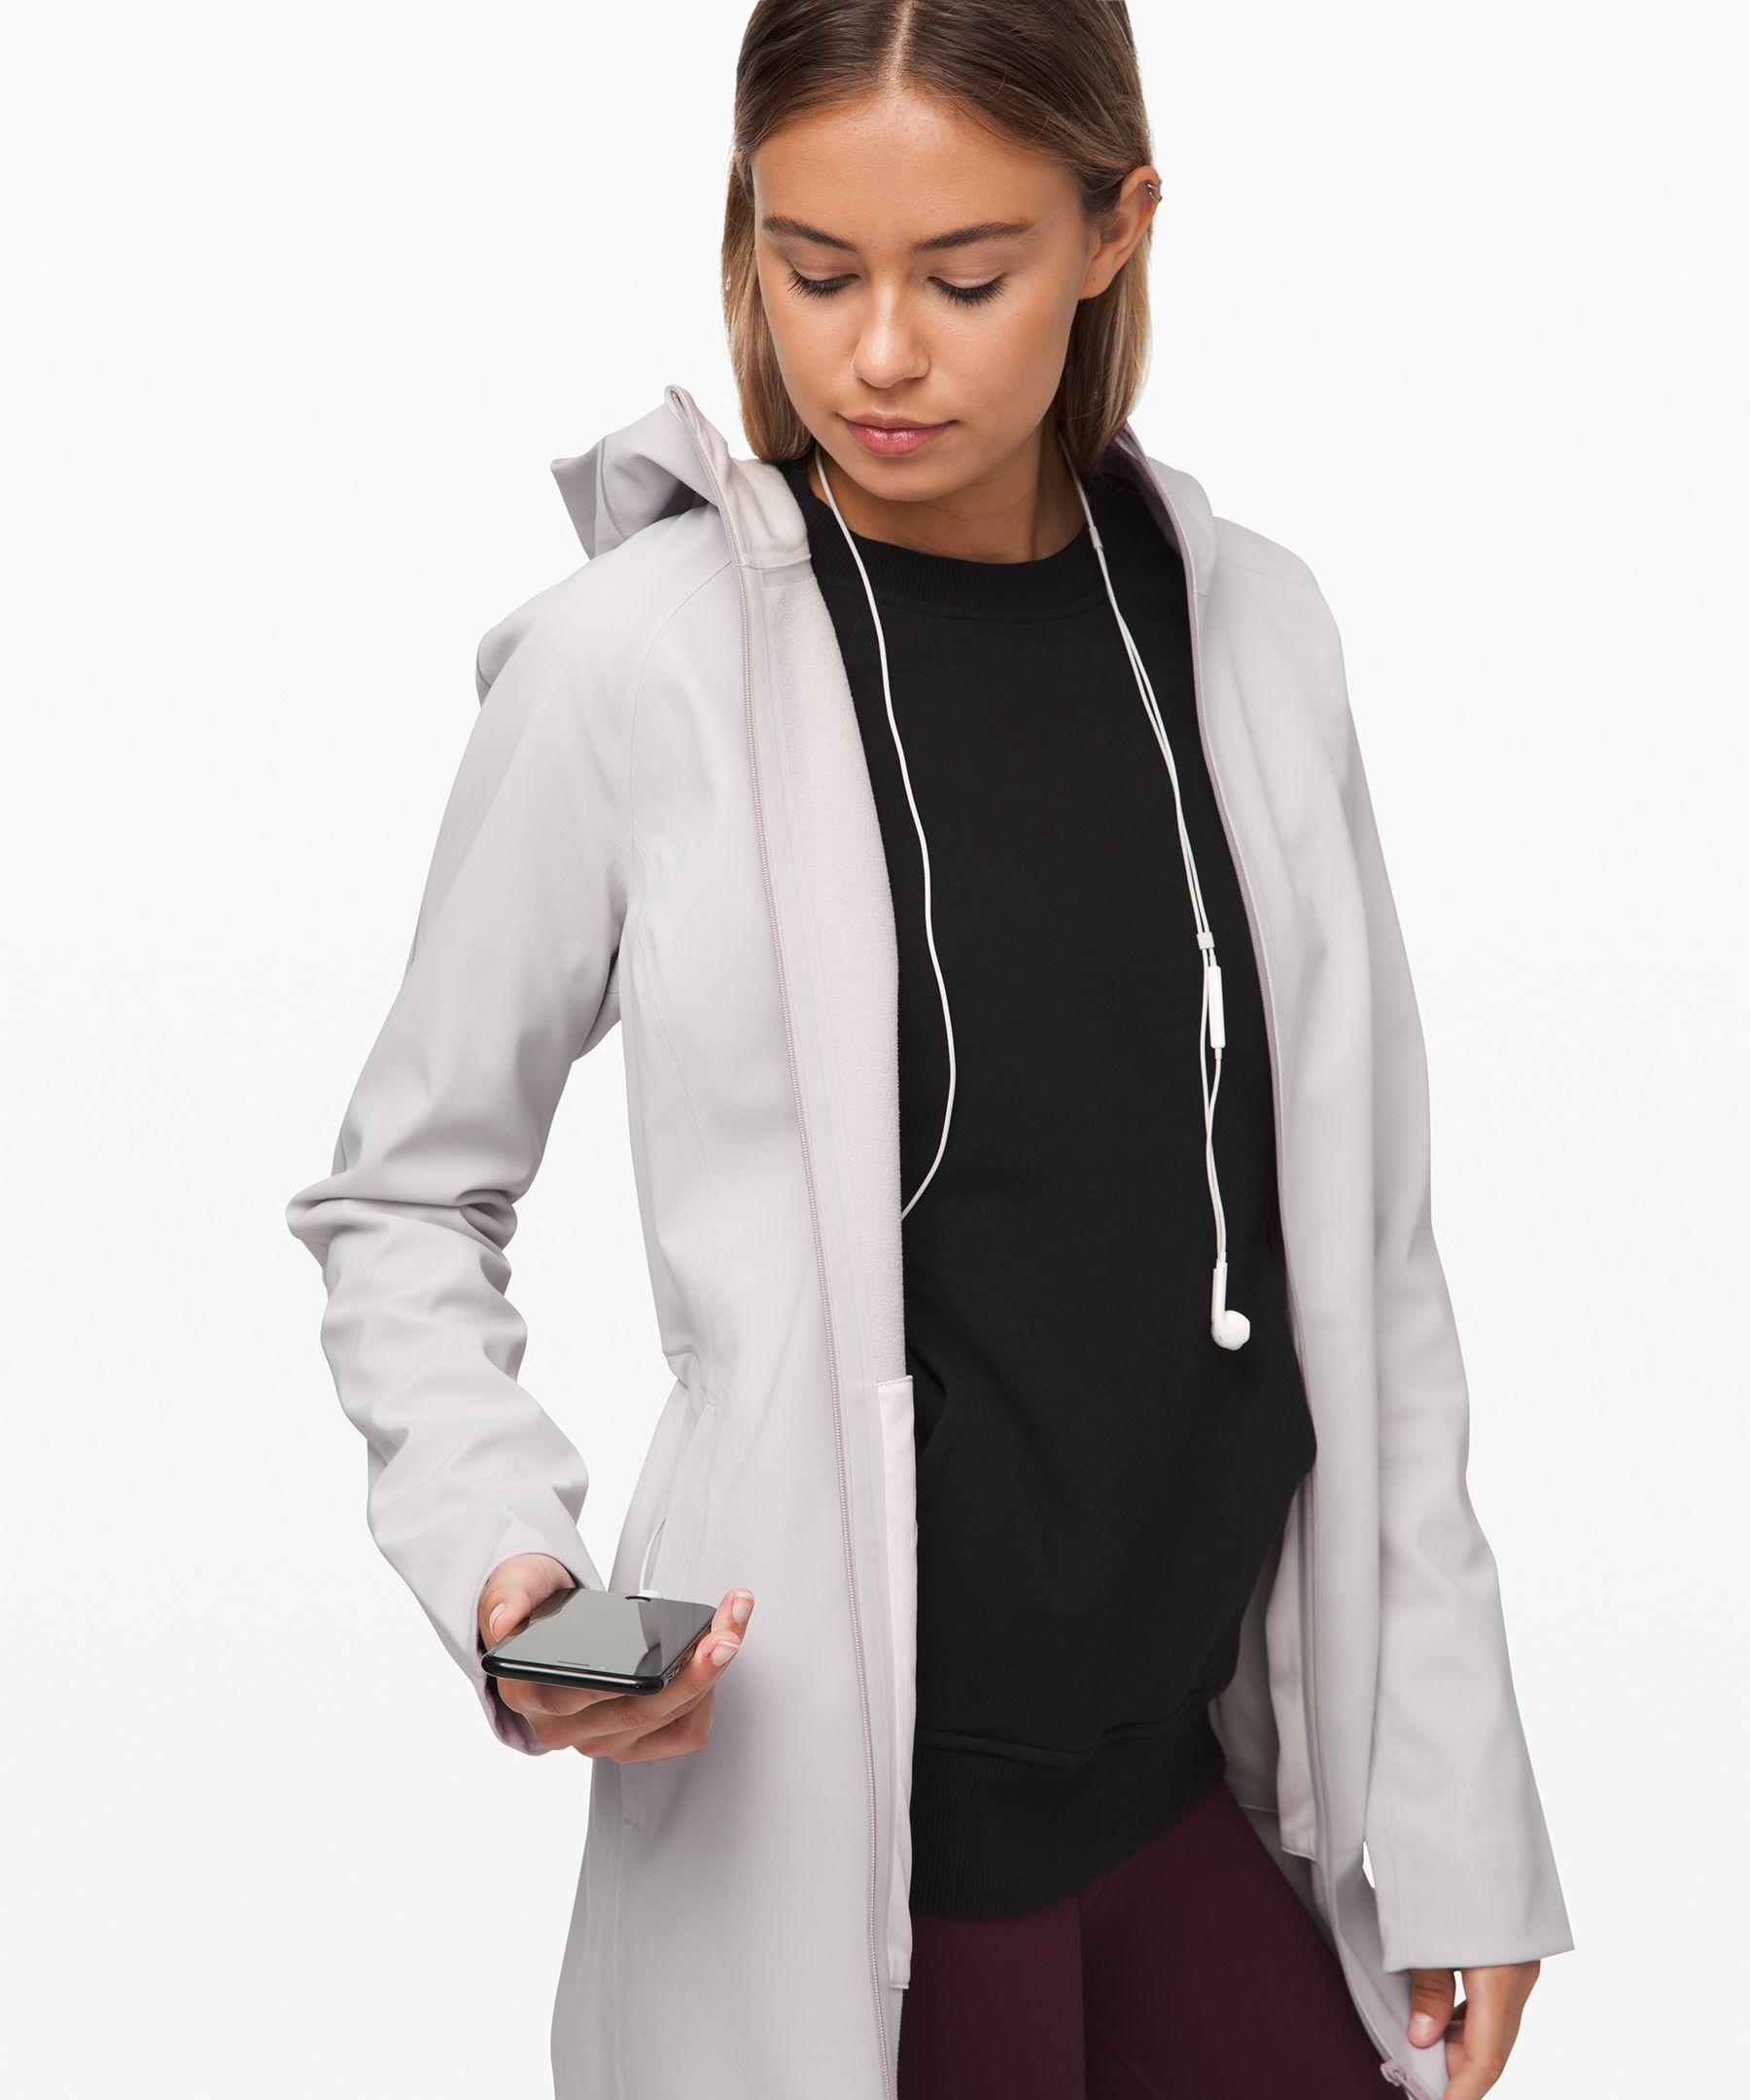 Glyde Along Softshell Women S Jackets Coats Lululemon Coats Jackets Women Sleek Jacket Jackets For Women [ 2160 x 1800 Pixel ]